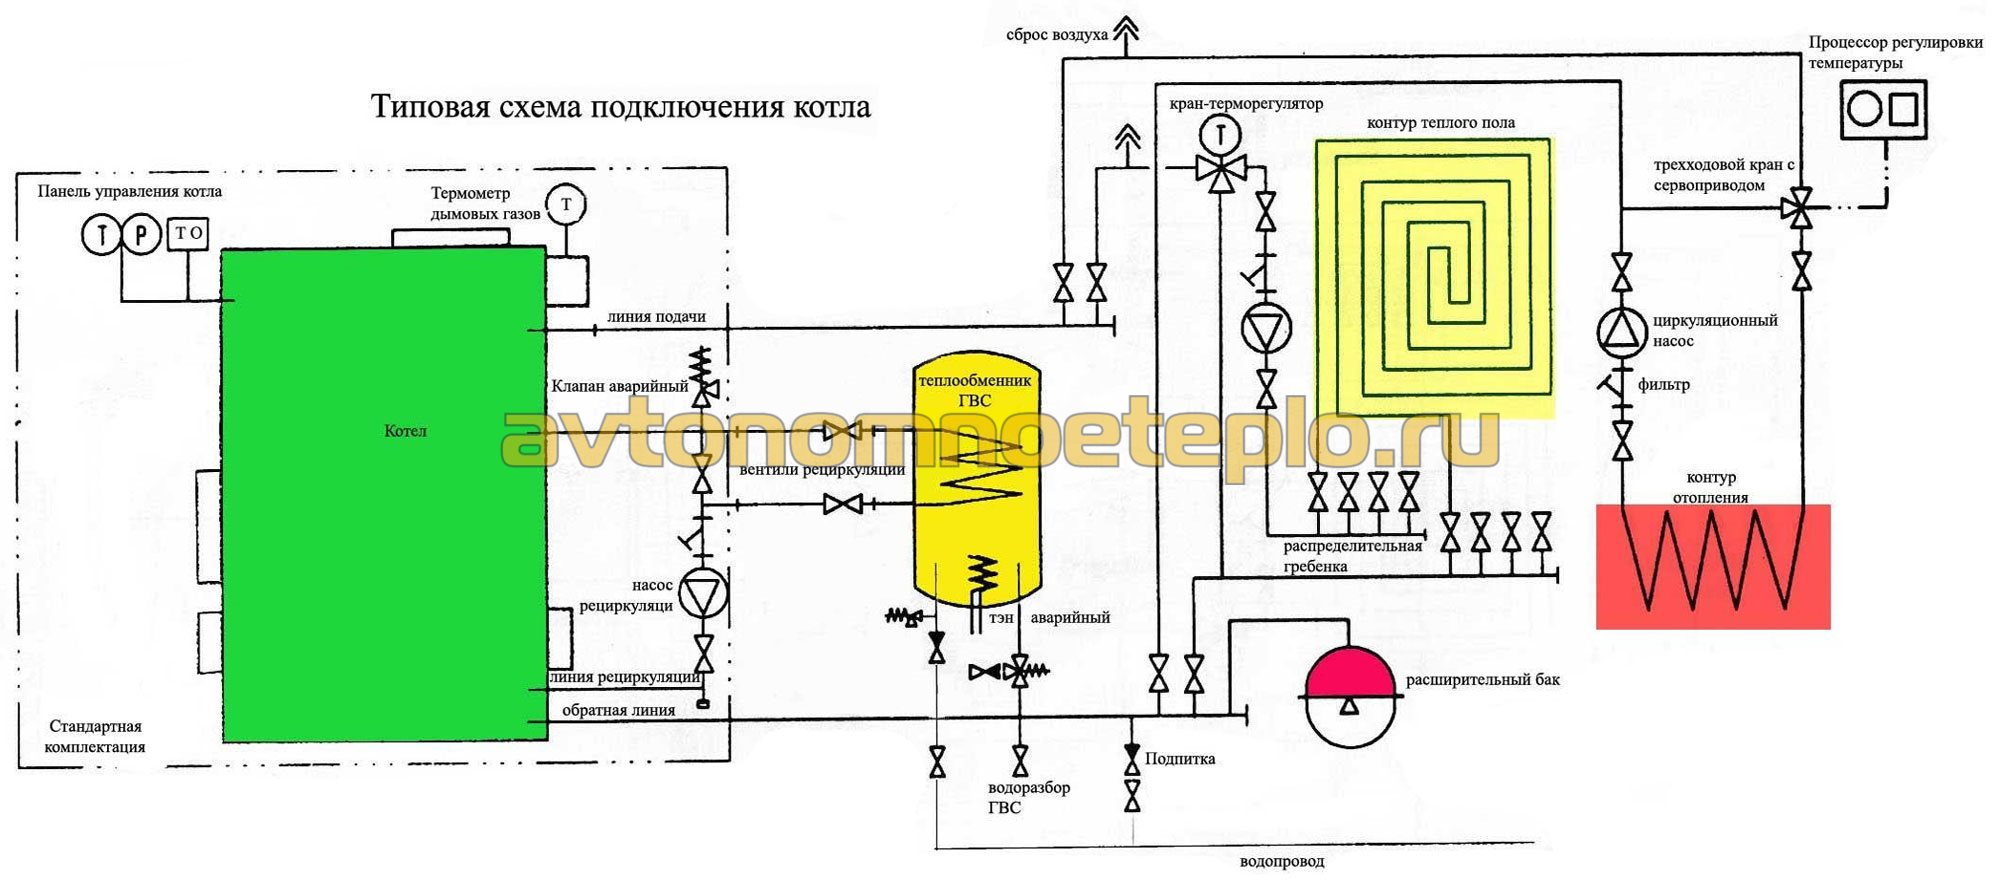 Обвязка котла отопления своими руками: схема, инструкция, особенности конструкции + фото